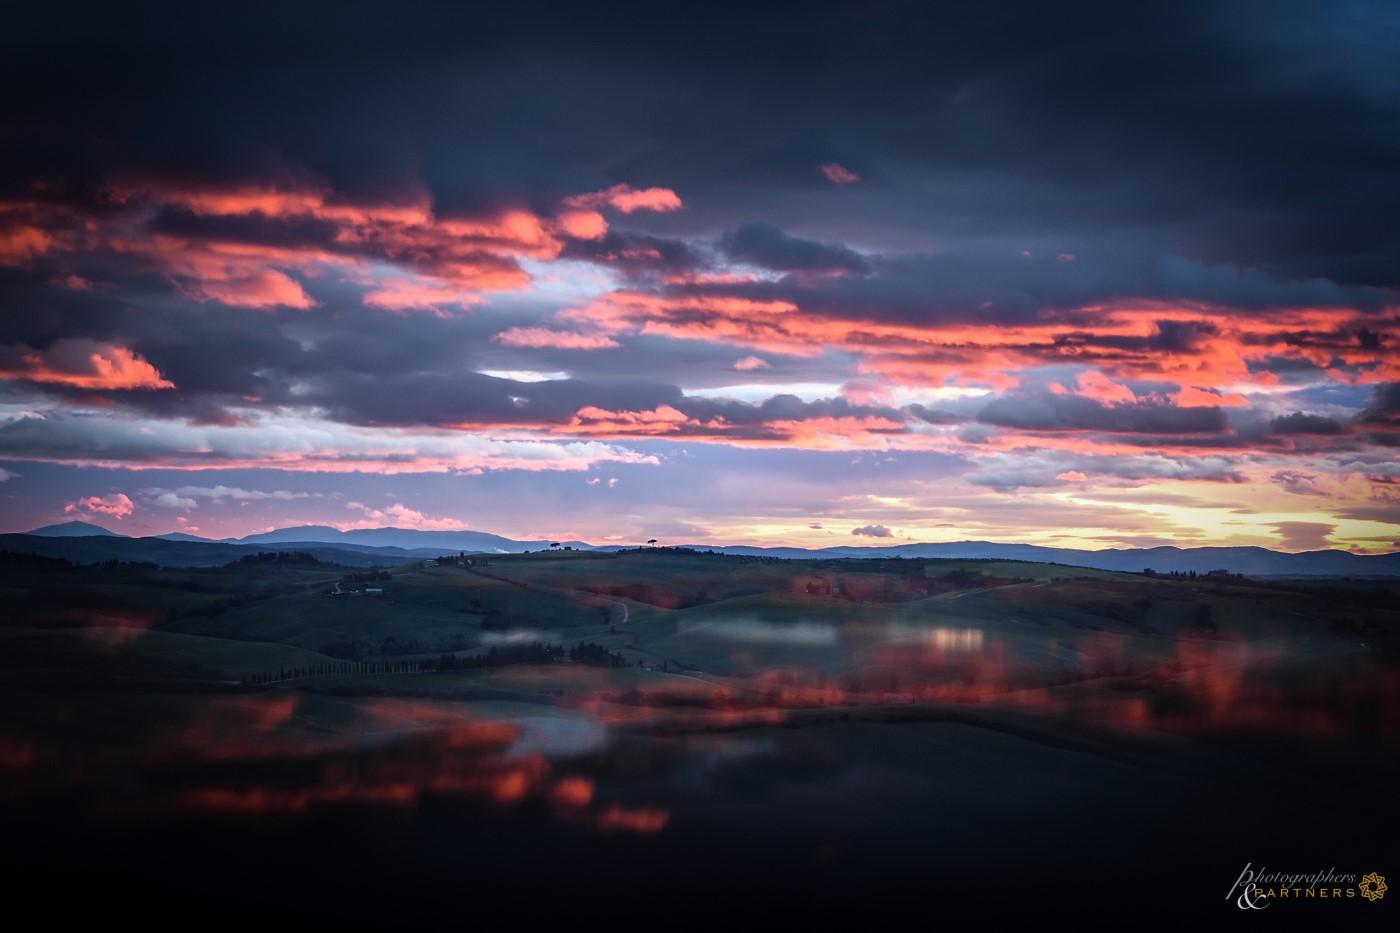 An fantastic sunset